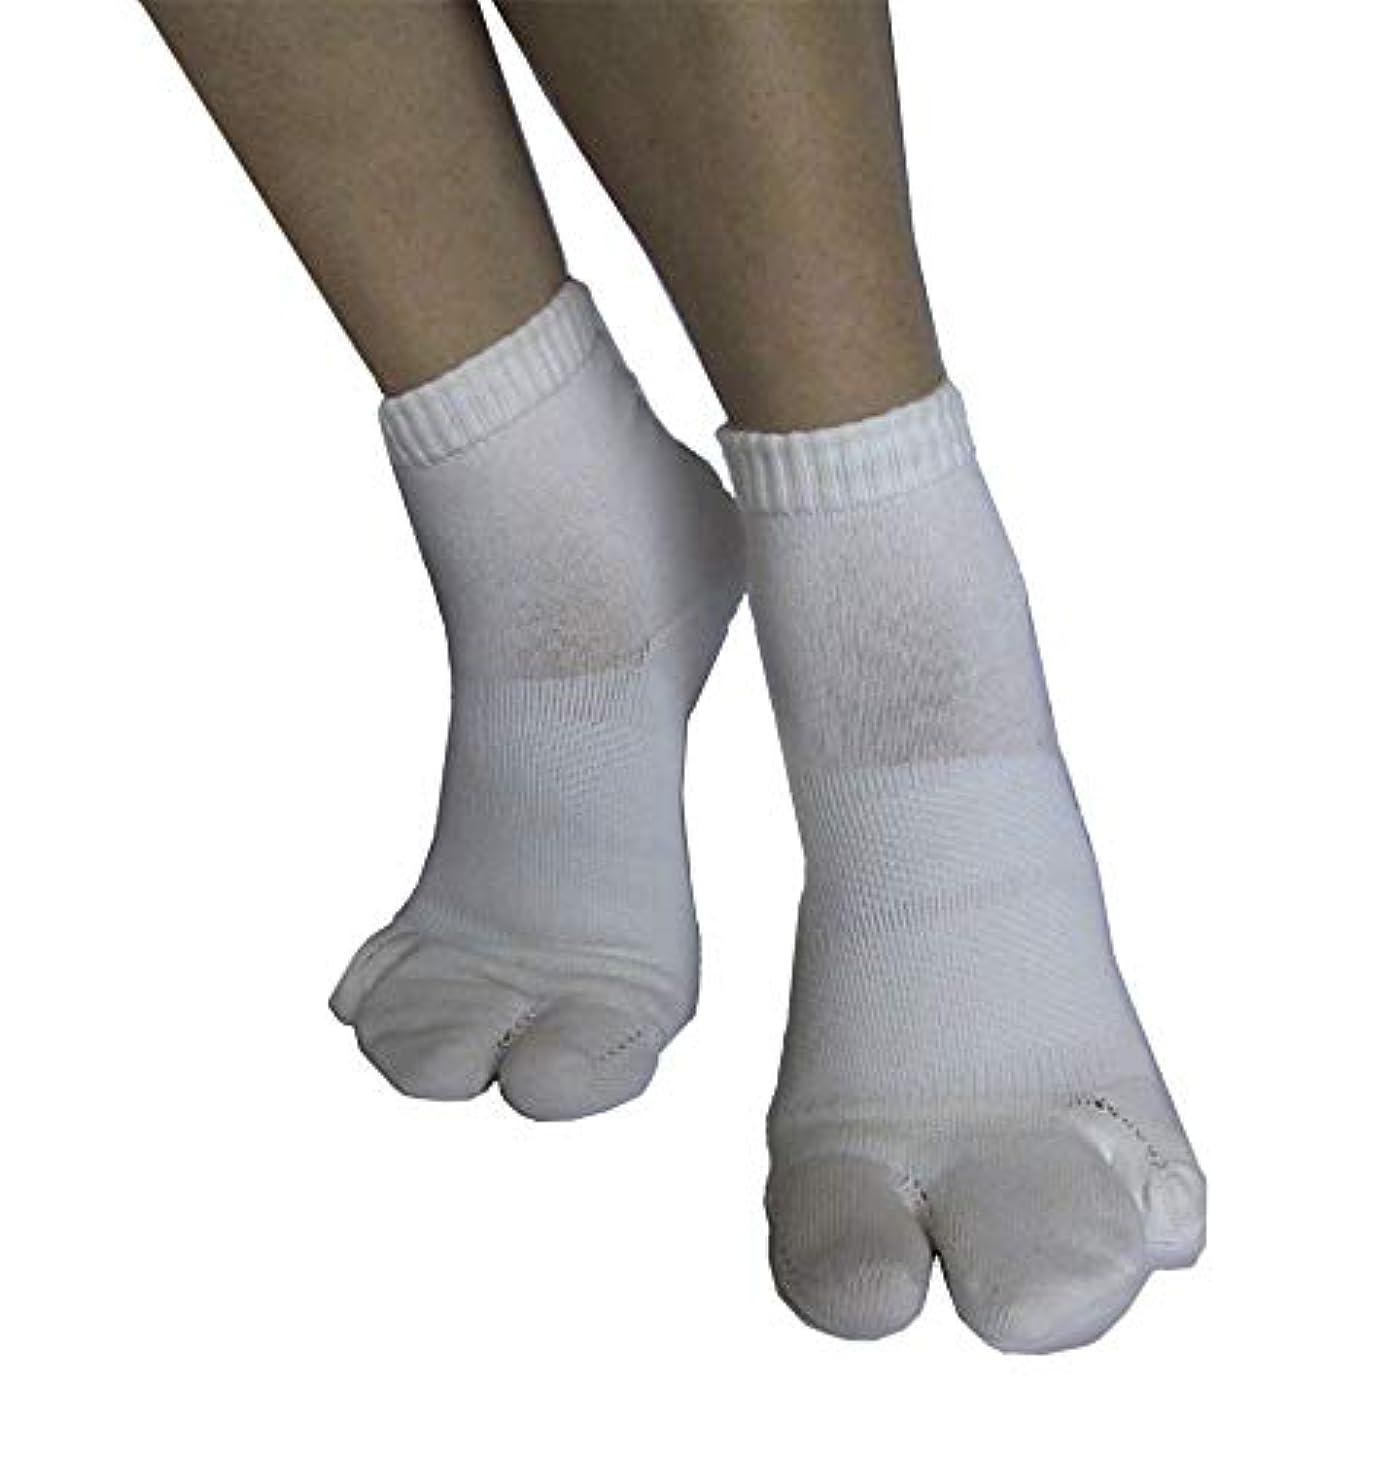 ペグ思われる受け取るカサハラ式サポーター ホソックス3本指テーピング靴下 ホワイトM 23.5-24.5cm